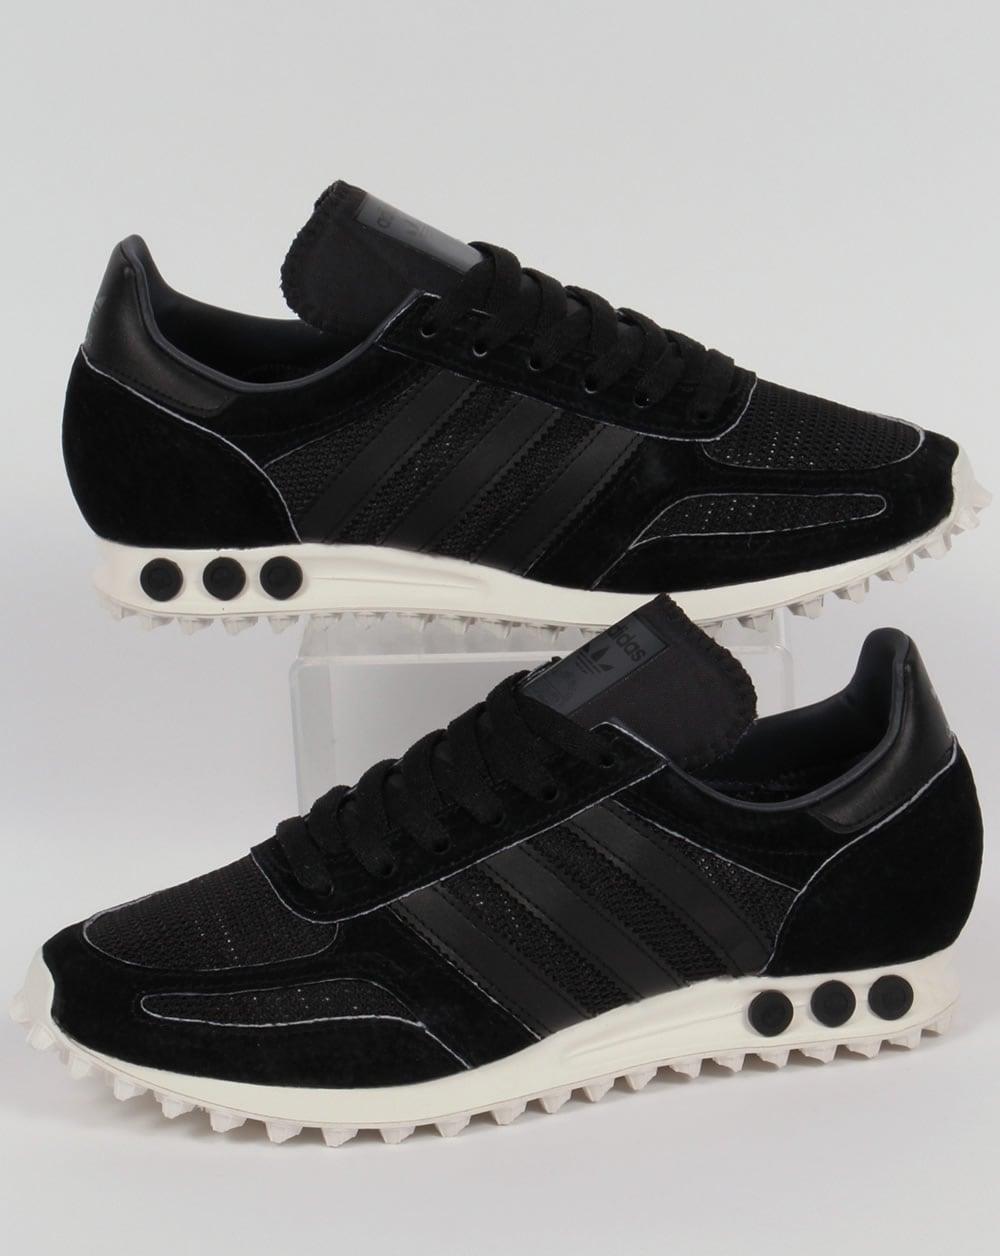 6ead5d047 Adidas LA Trainer OG Trainers Black/Black/Grey,shoes,original,runner ...